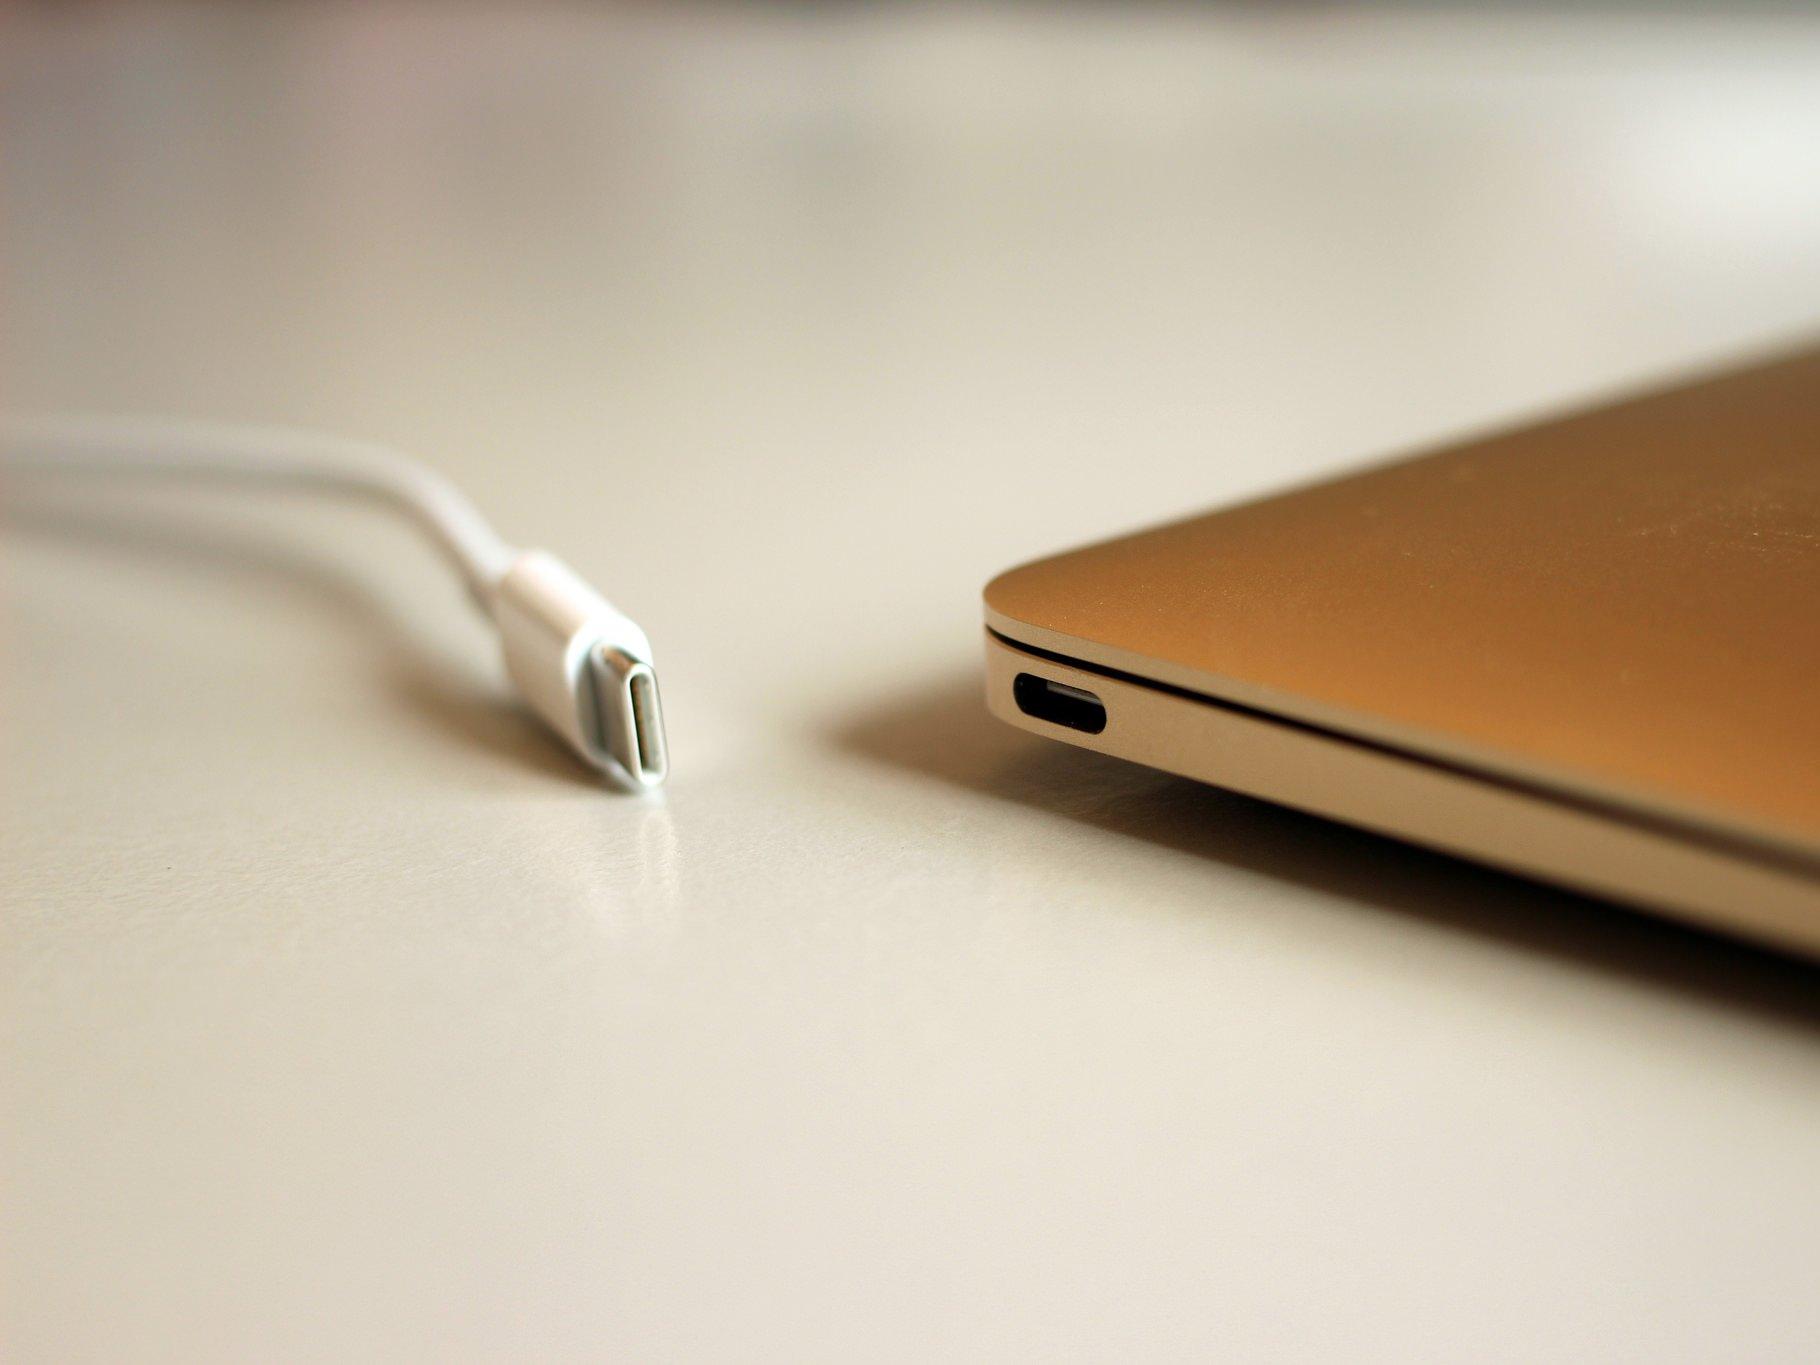 کابل شارژ مک بوک جدید اپل مشکلاتی دارد!